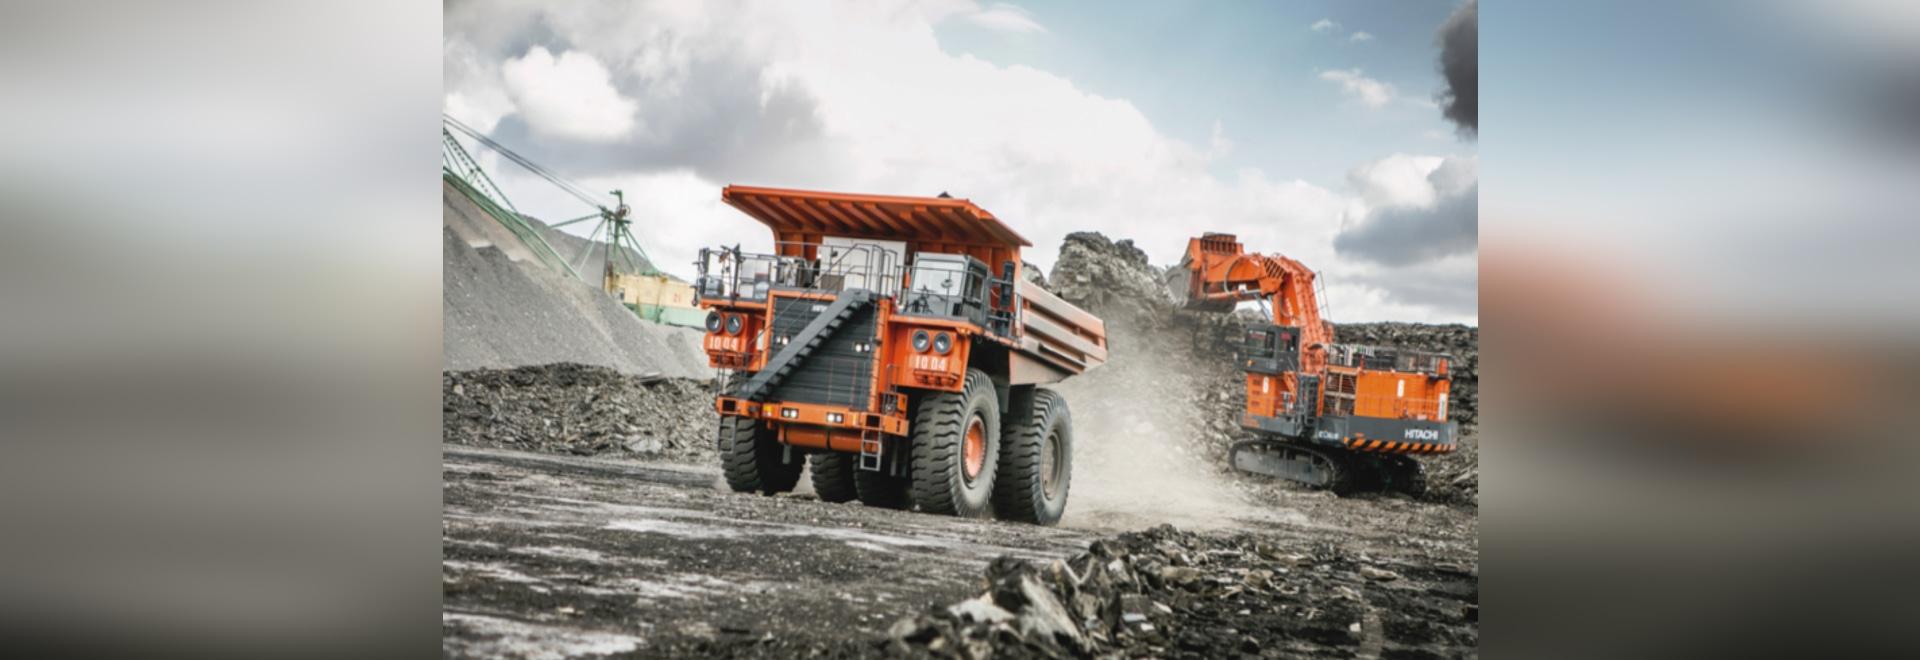 La revolución de las TIC de la minería: una historia costada